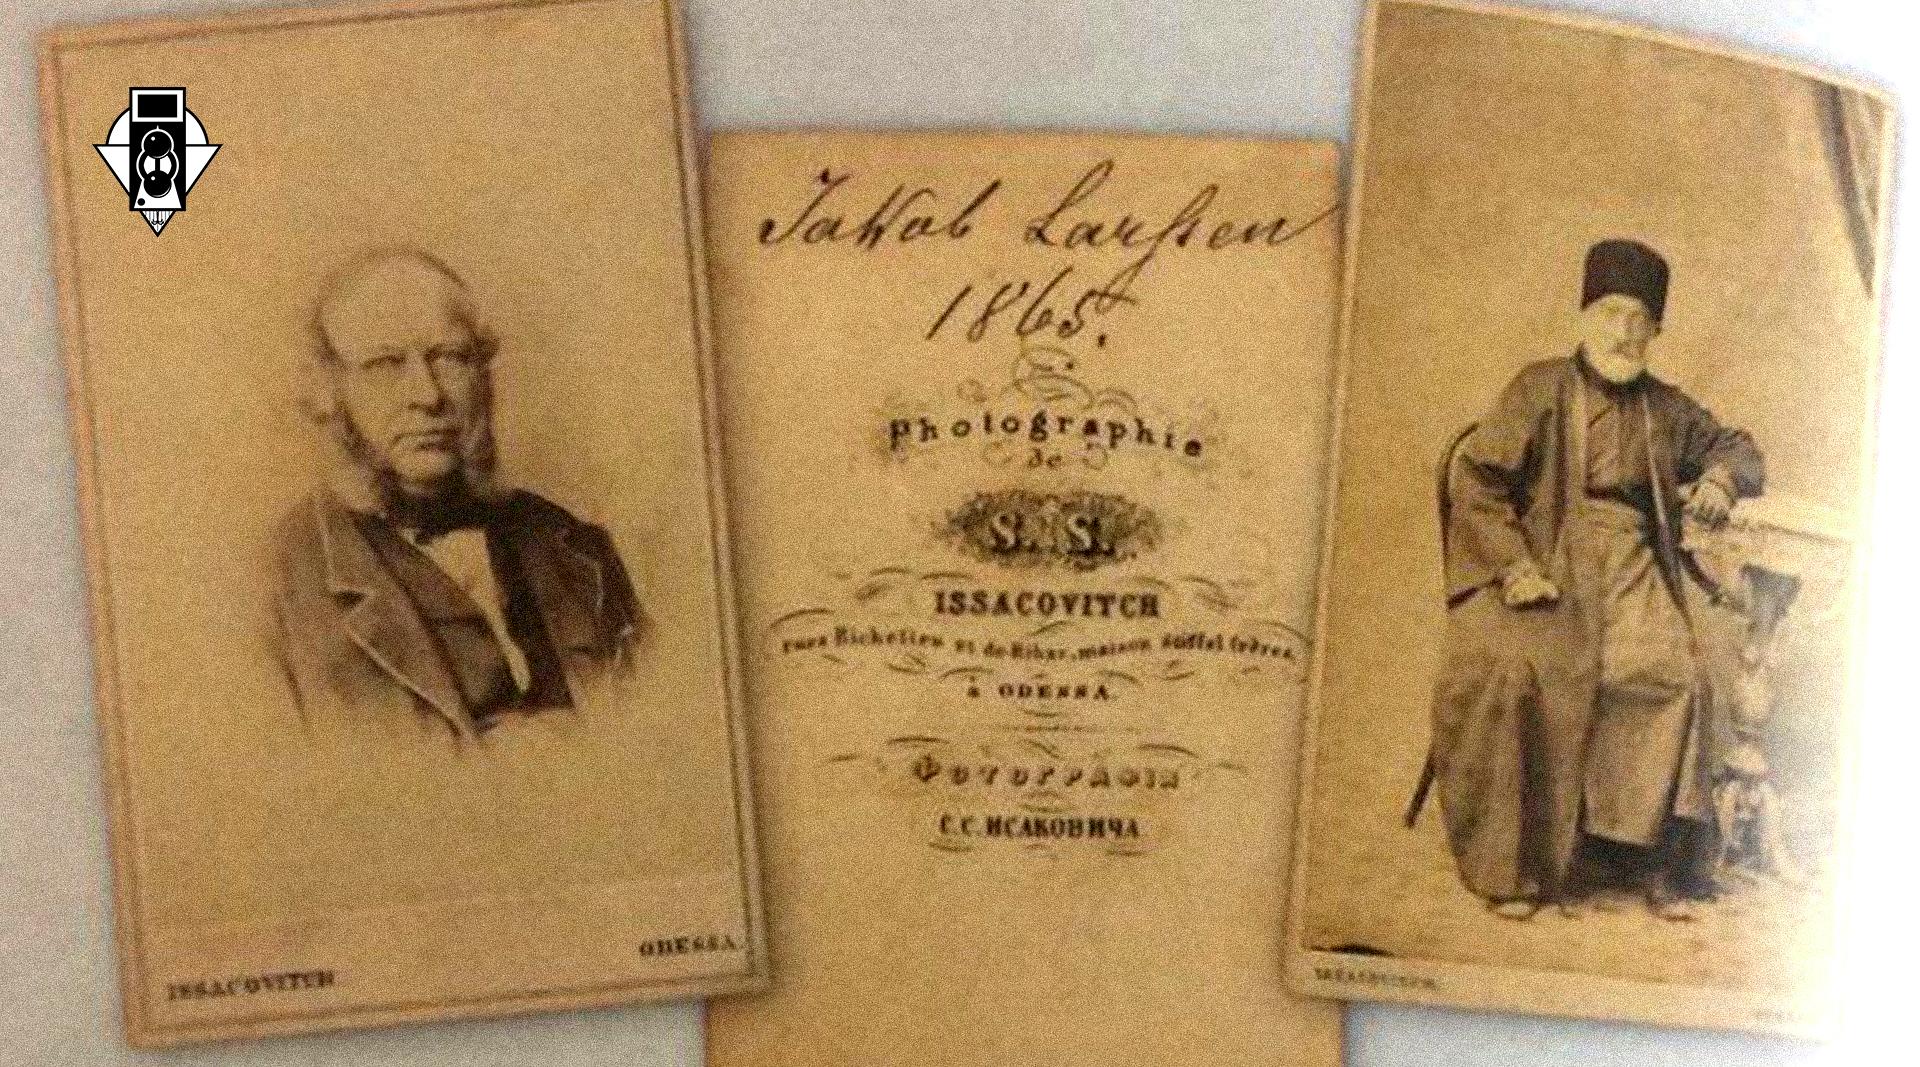 Фотография С. Исаковича 1860-ых годов